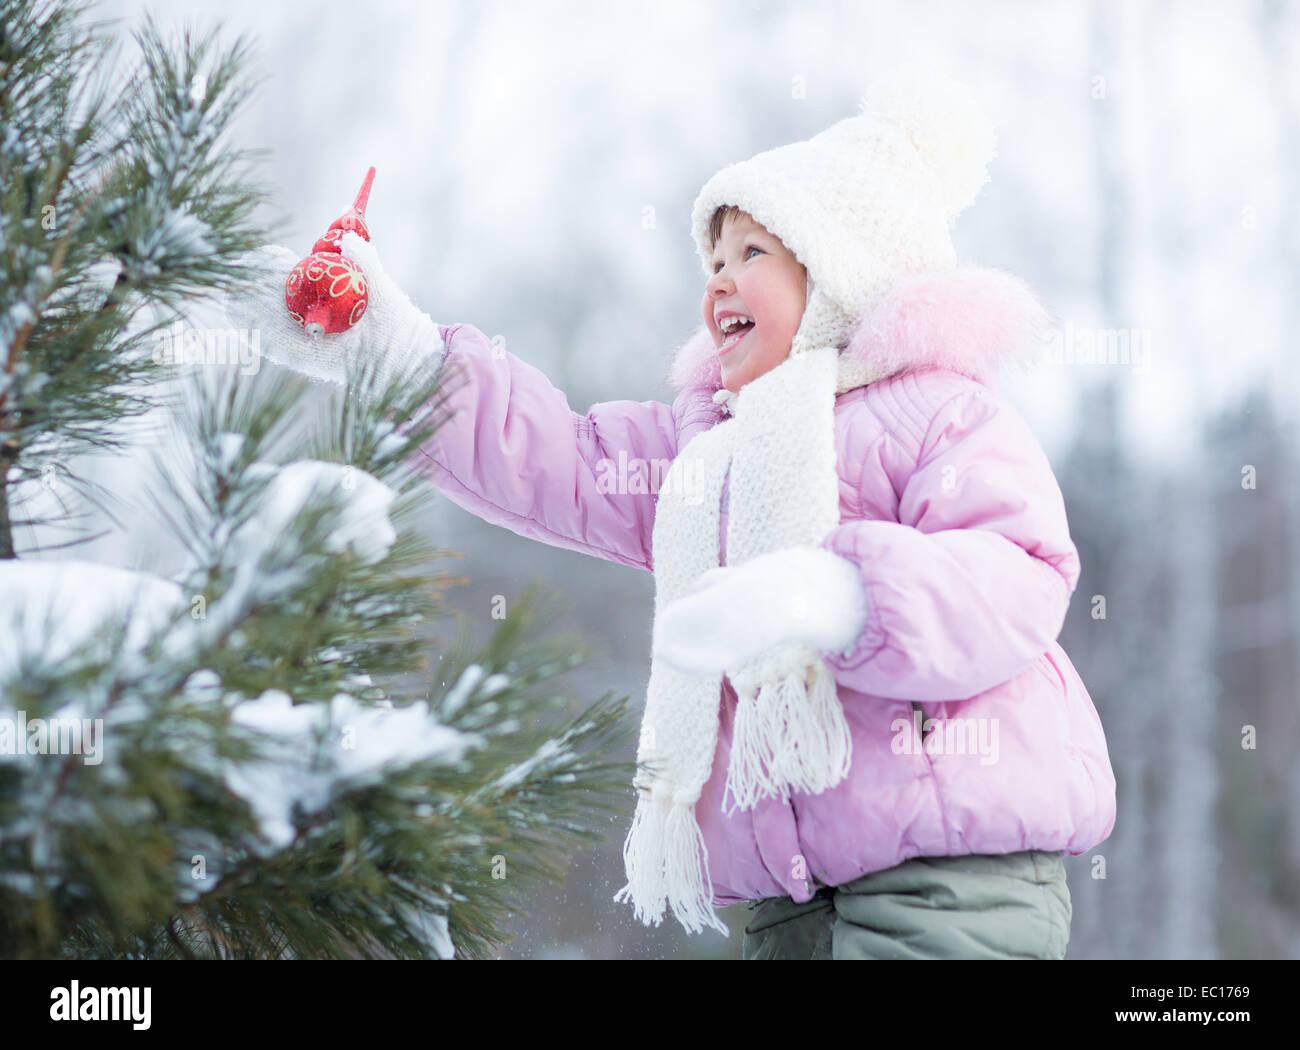 Capretto felice rendendo decorazioni natalizie per esterno Immagini Stock